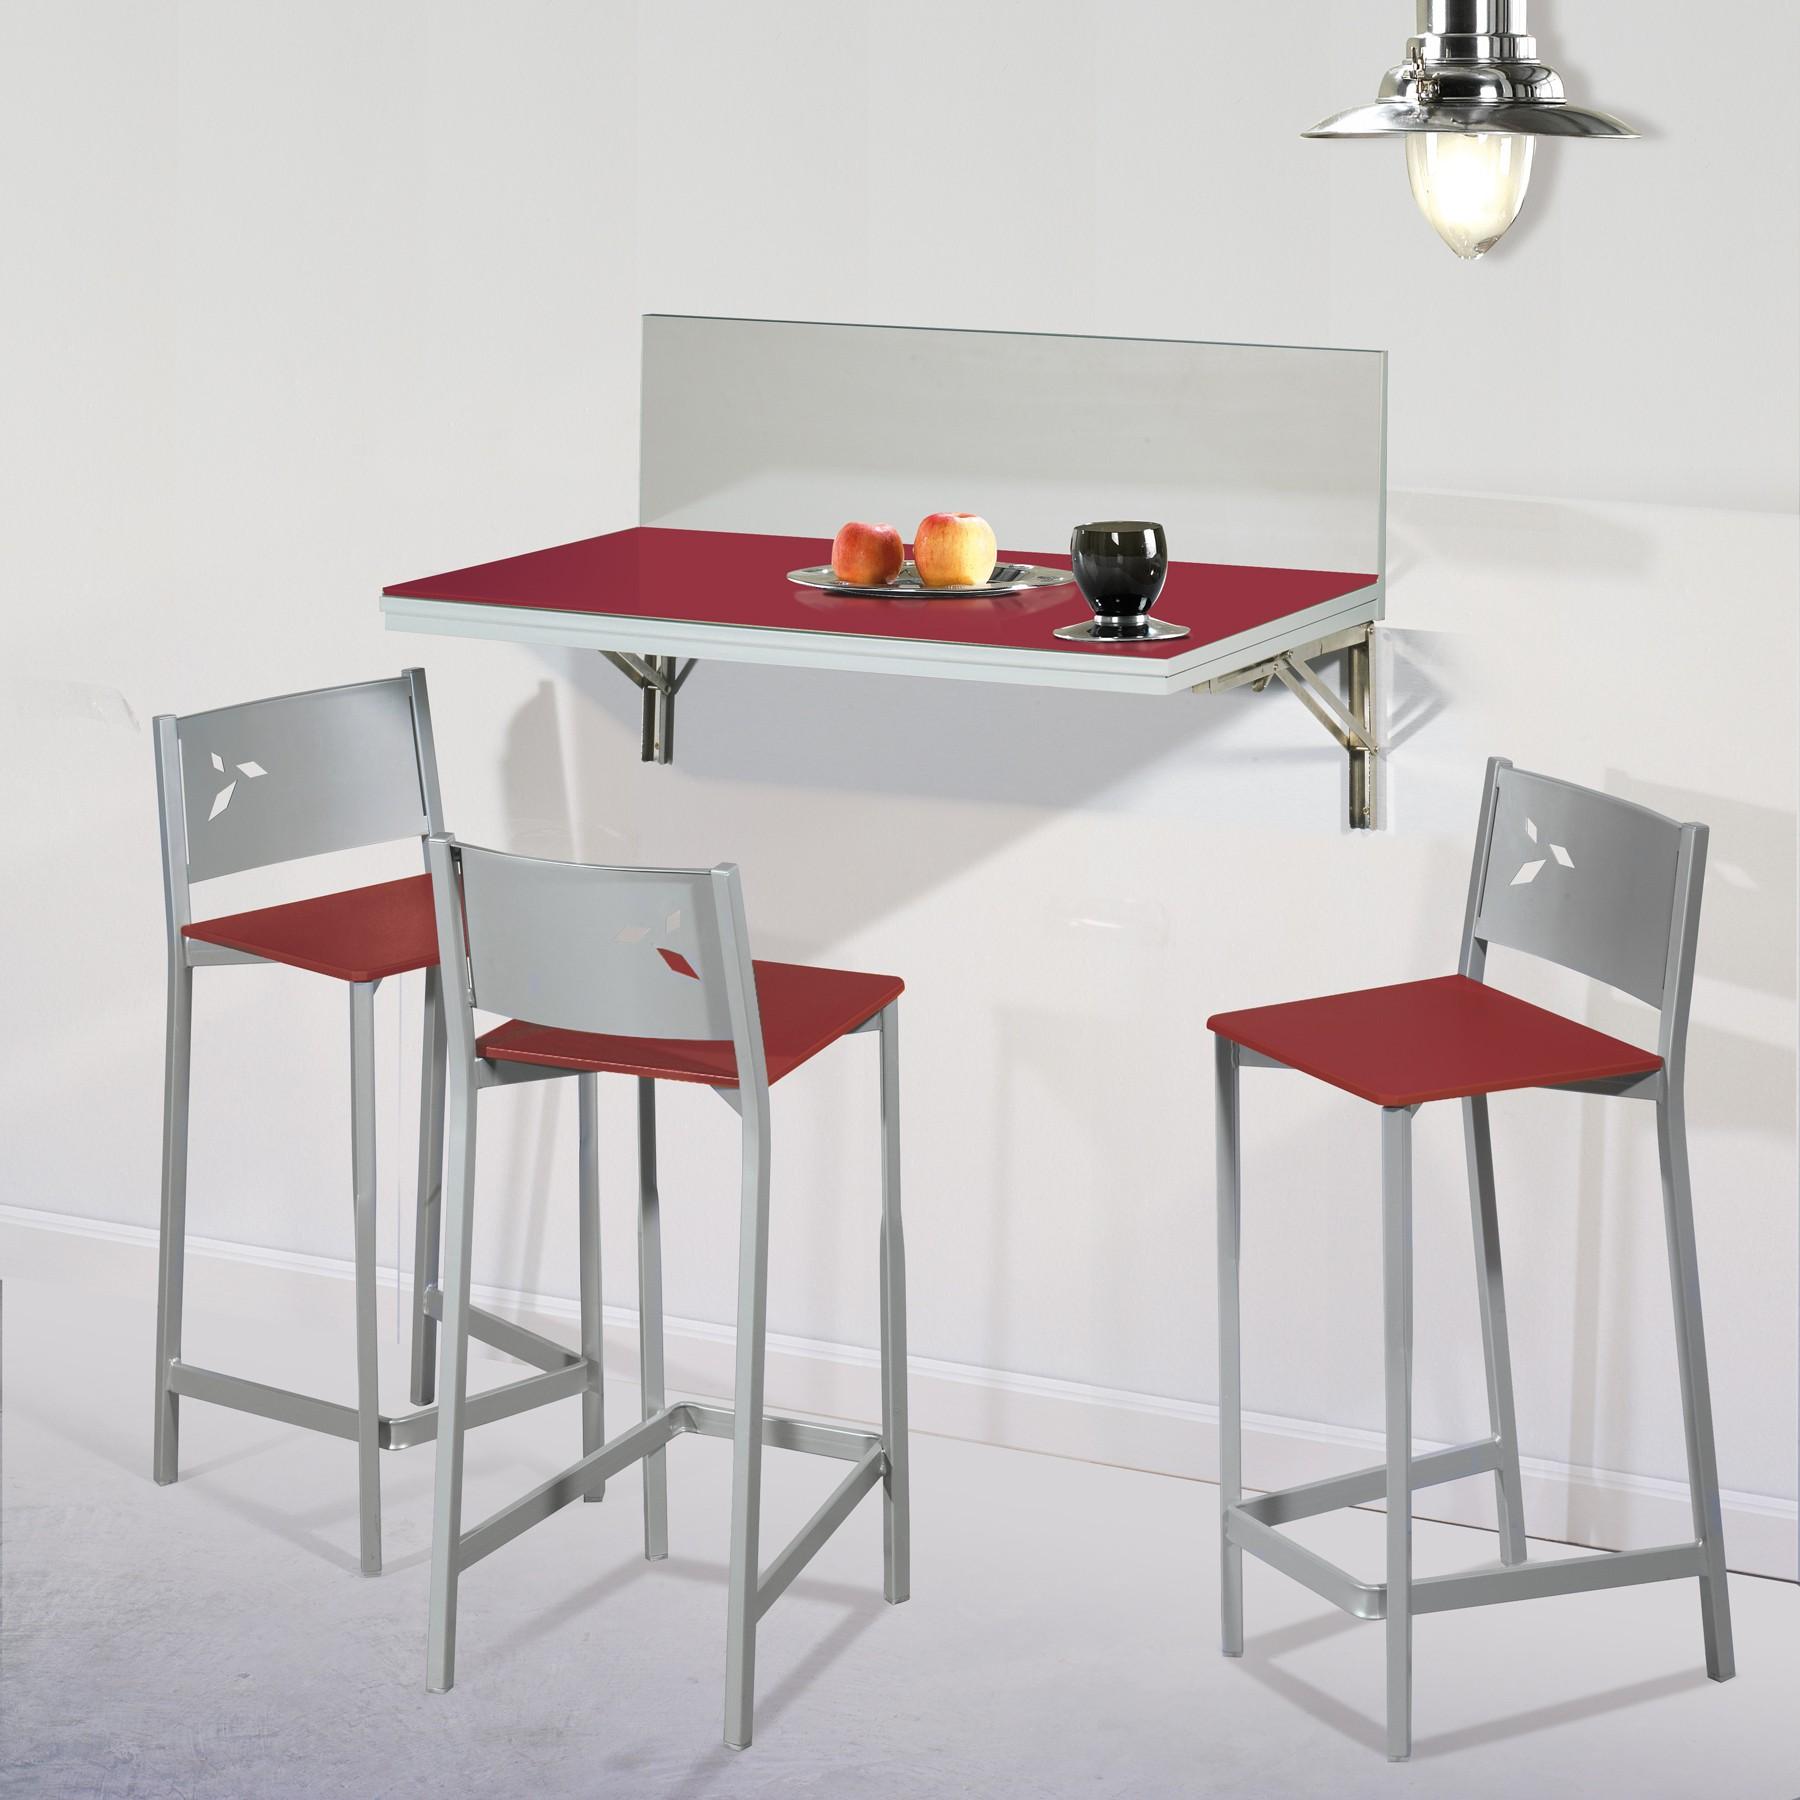 Pack ahorro en mesa de cocina de pared con dos taburetes - Sillas plegables para cocina ...